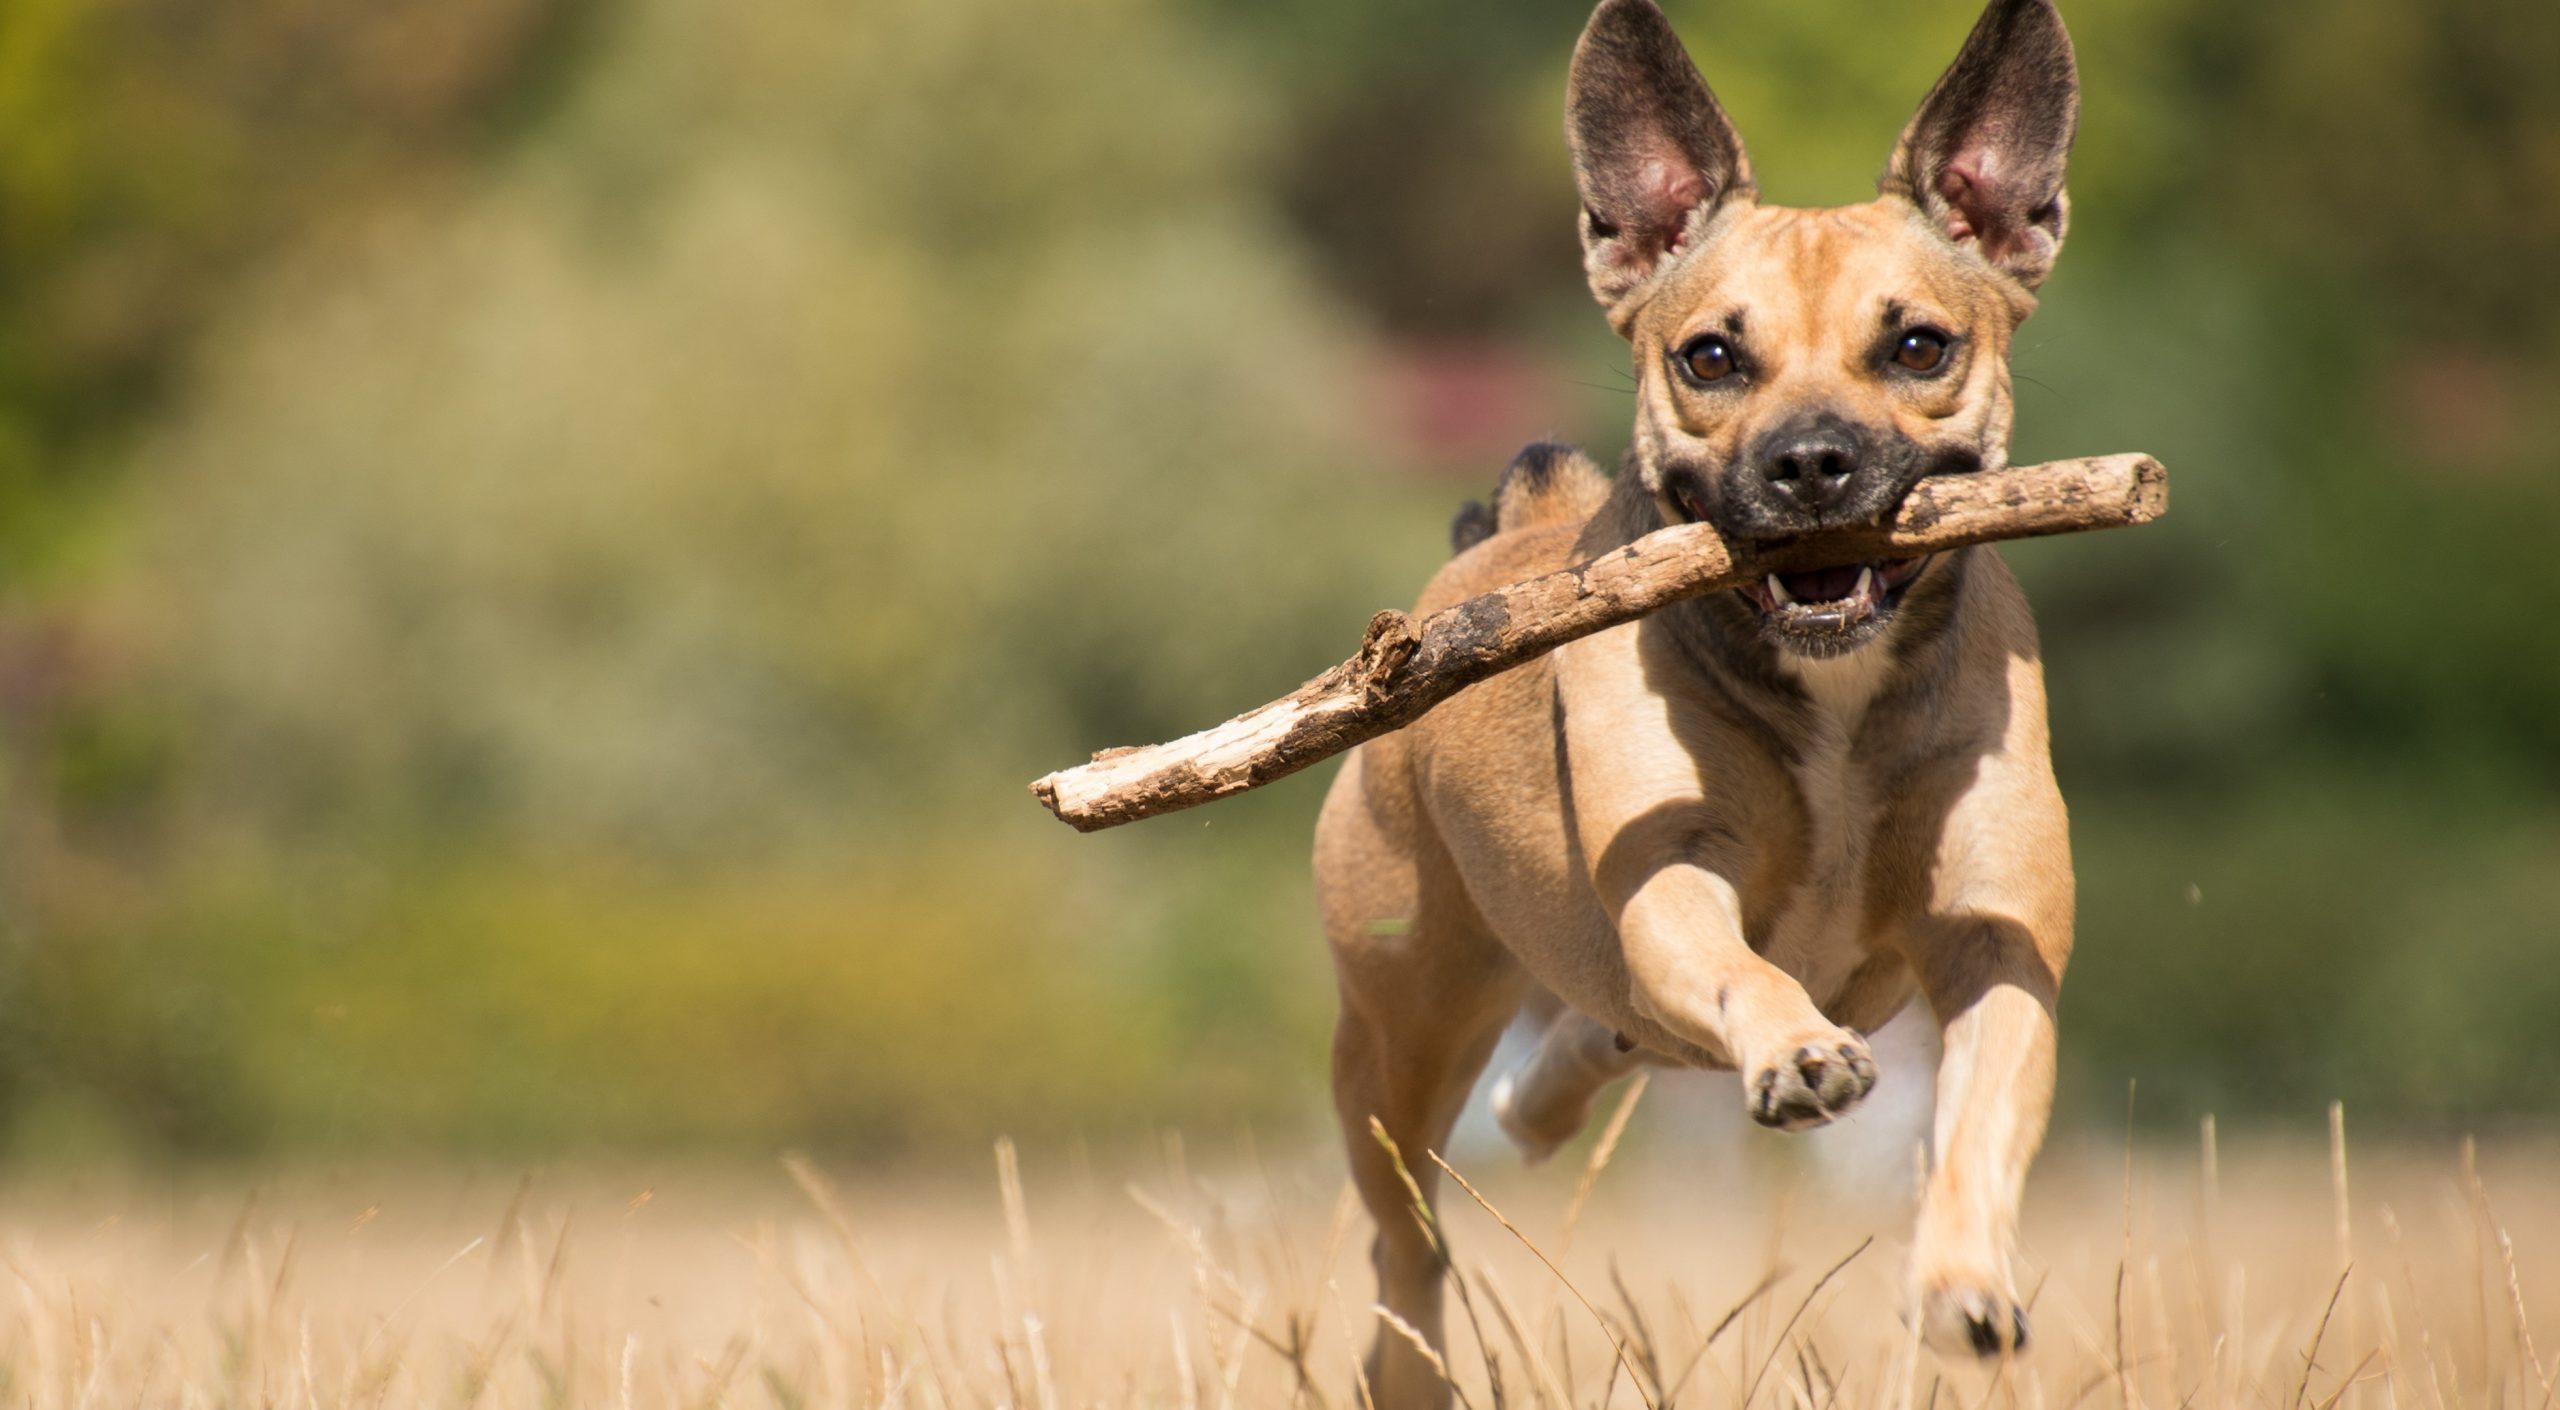 Bürgerinitiative und Stadtverwaltung laden ein, Hundefreilaufflächen mitzugestalten